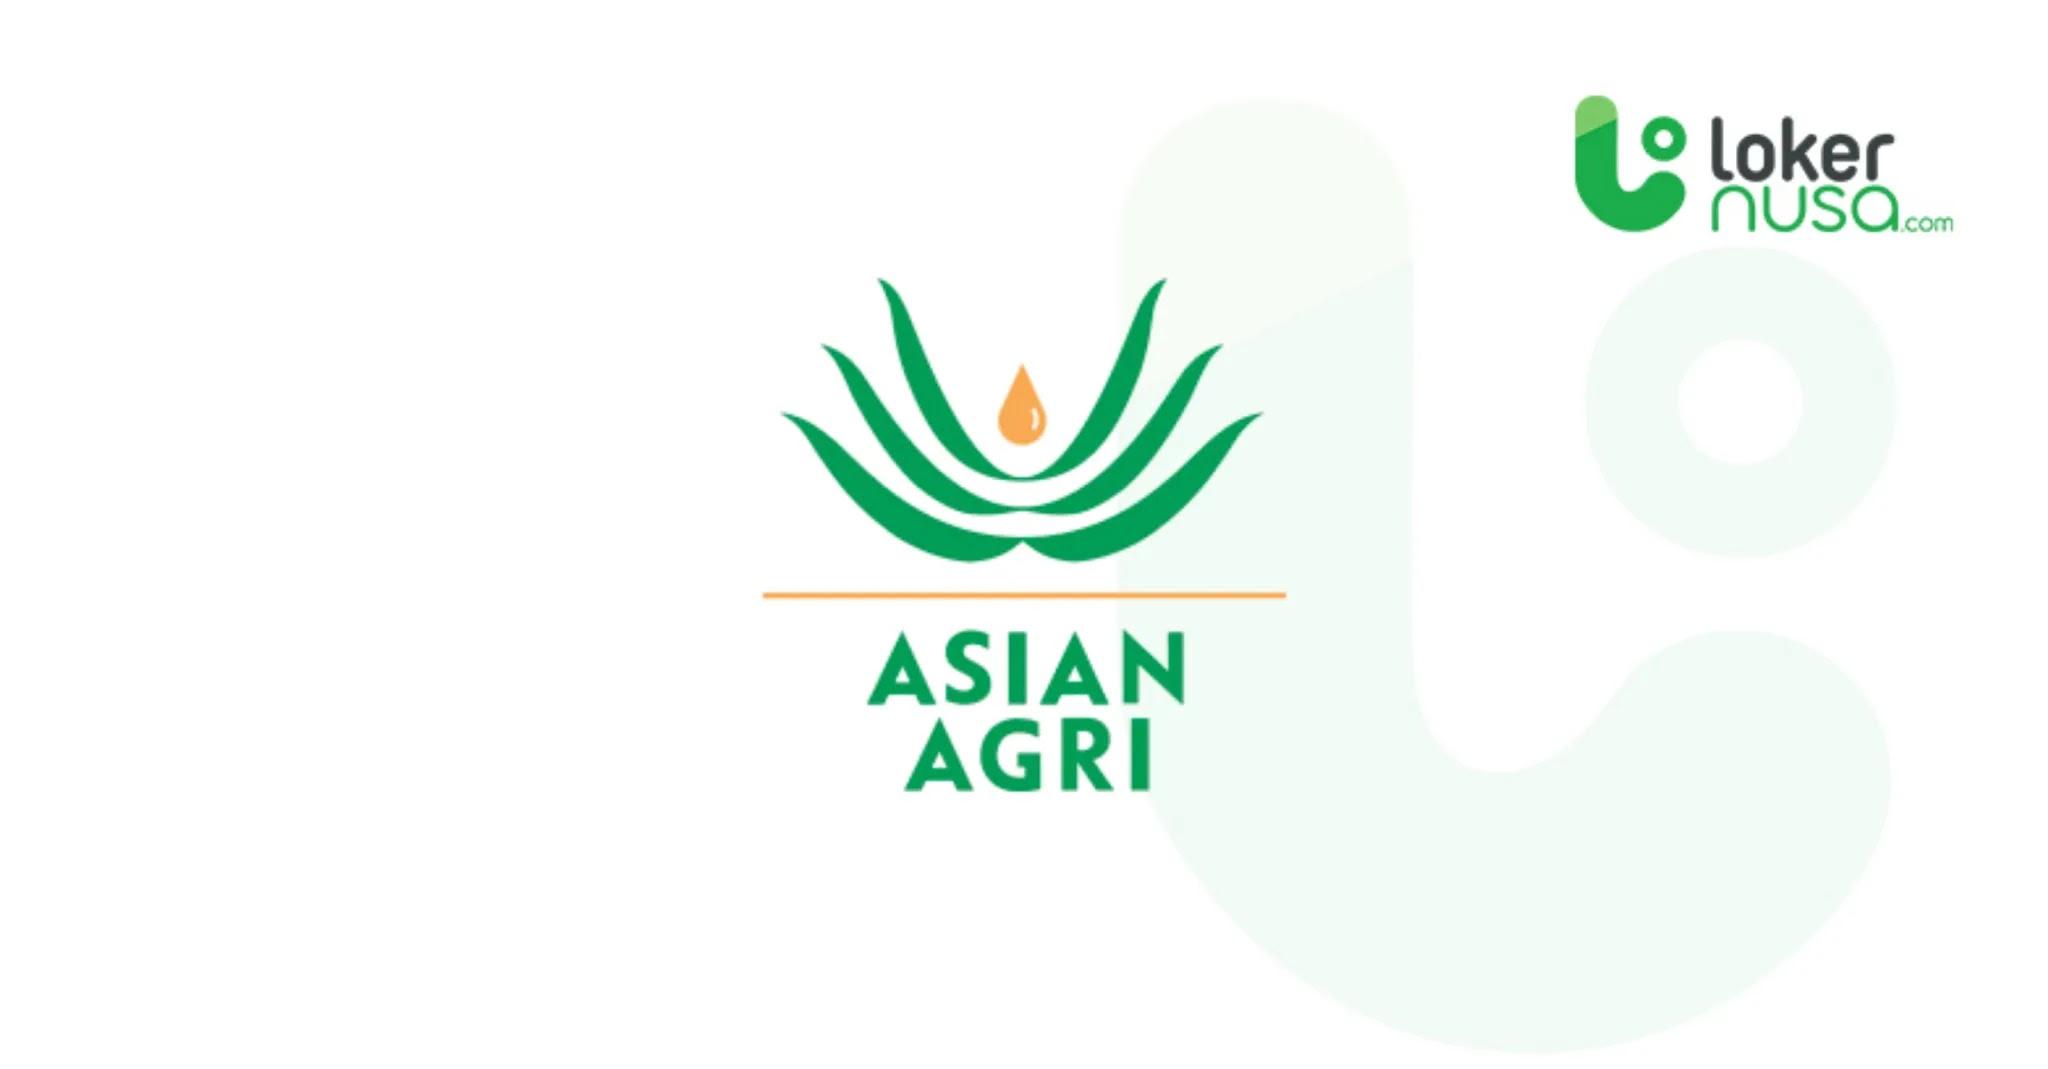 Lowongan Kerja Sawit Asian Agri